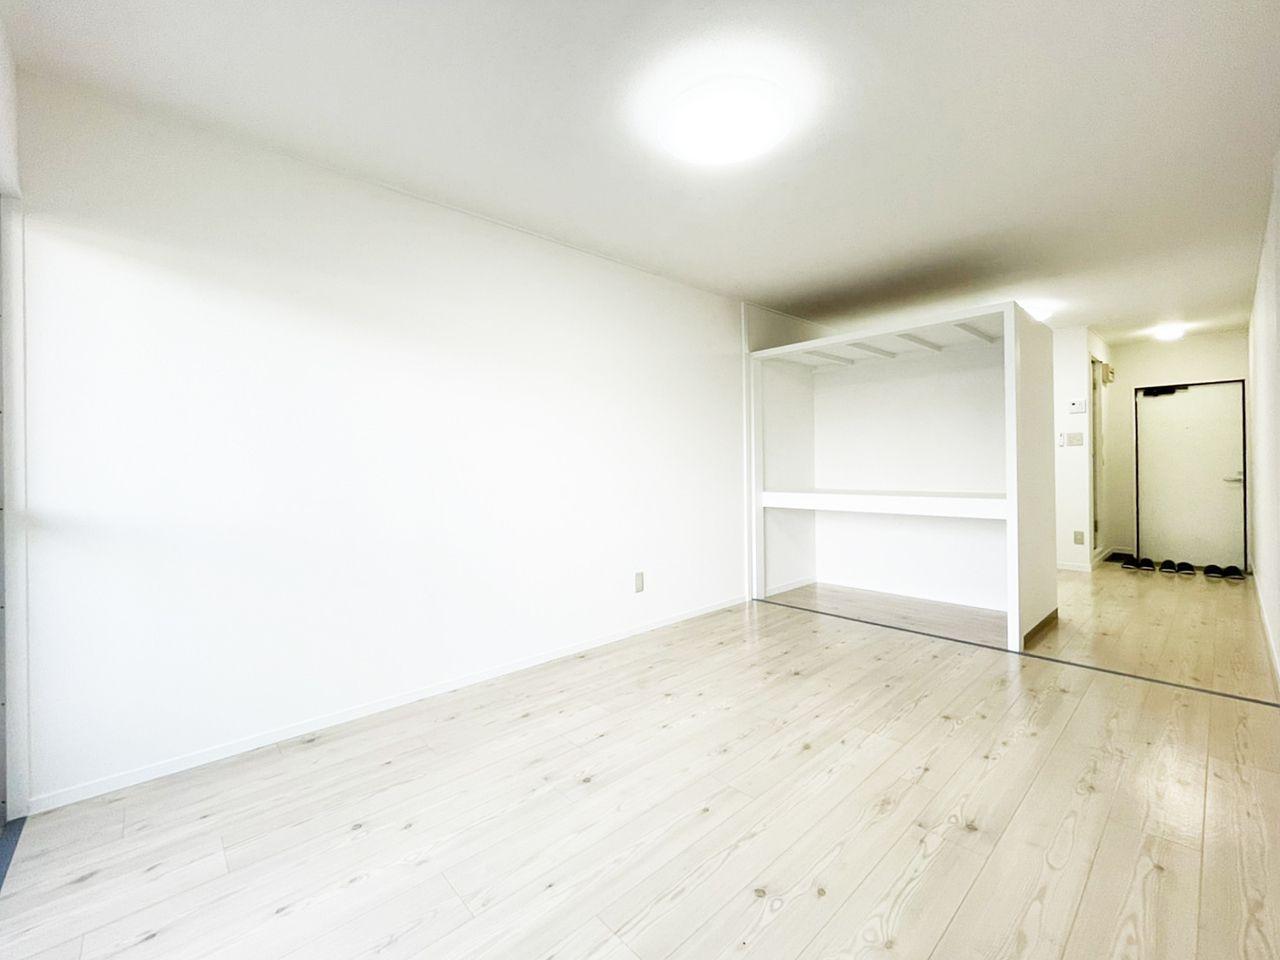 タイガーハイツ37号室の洋室の画像です